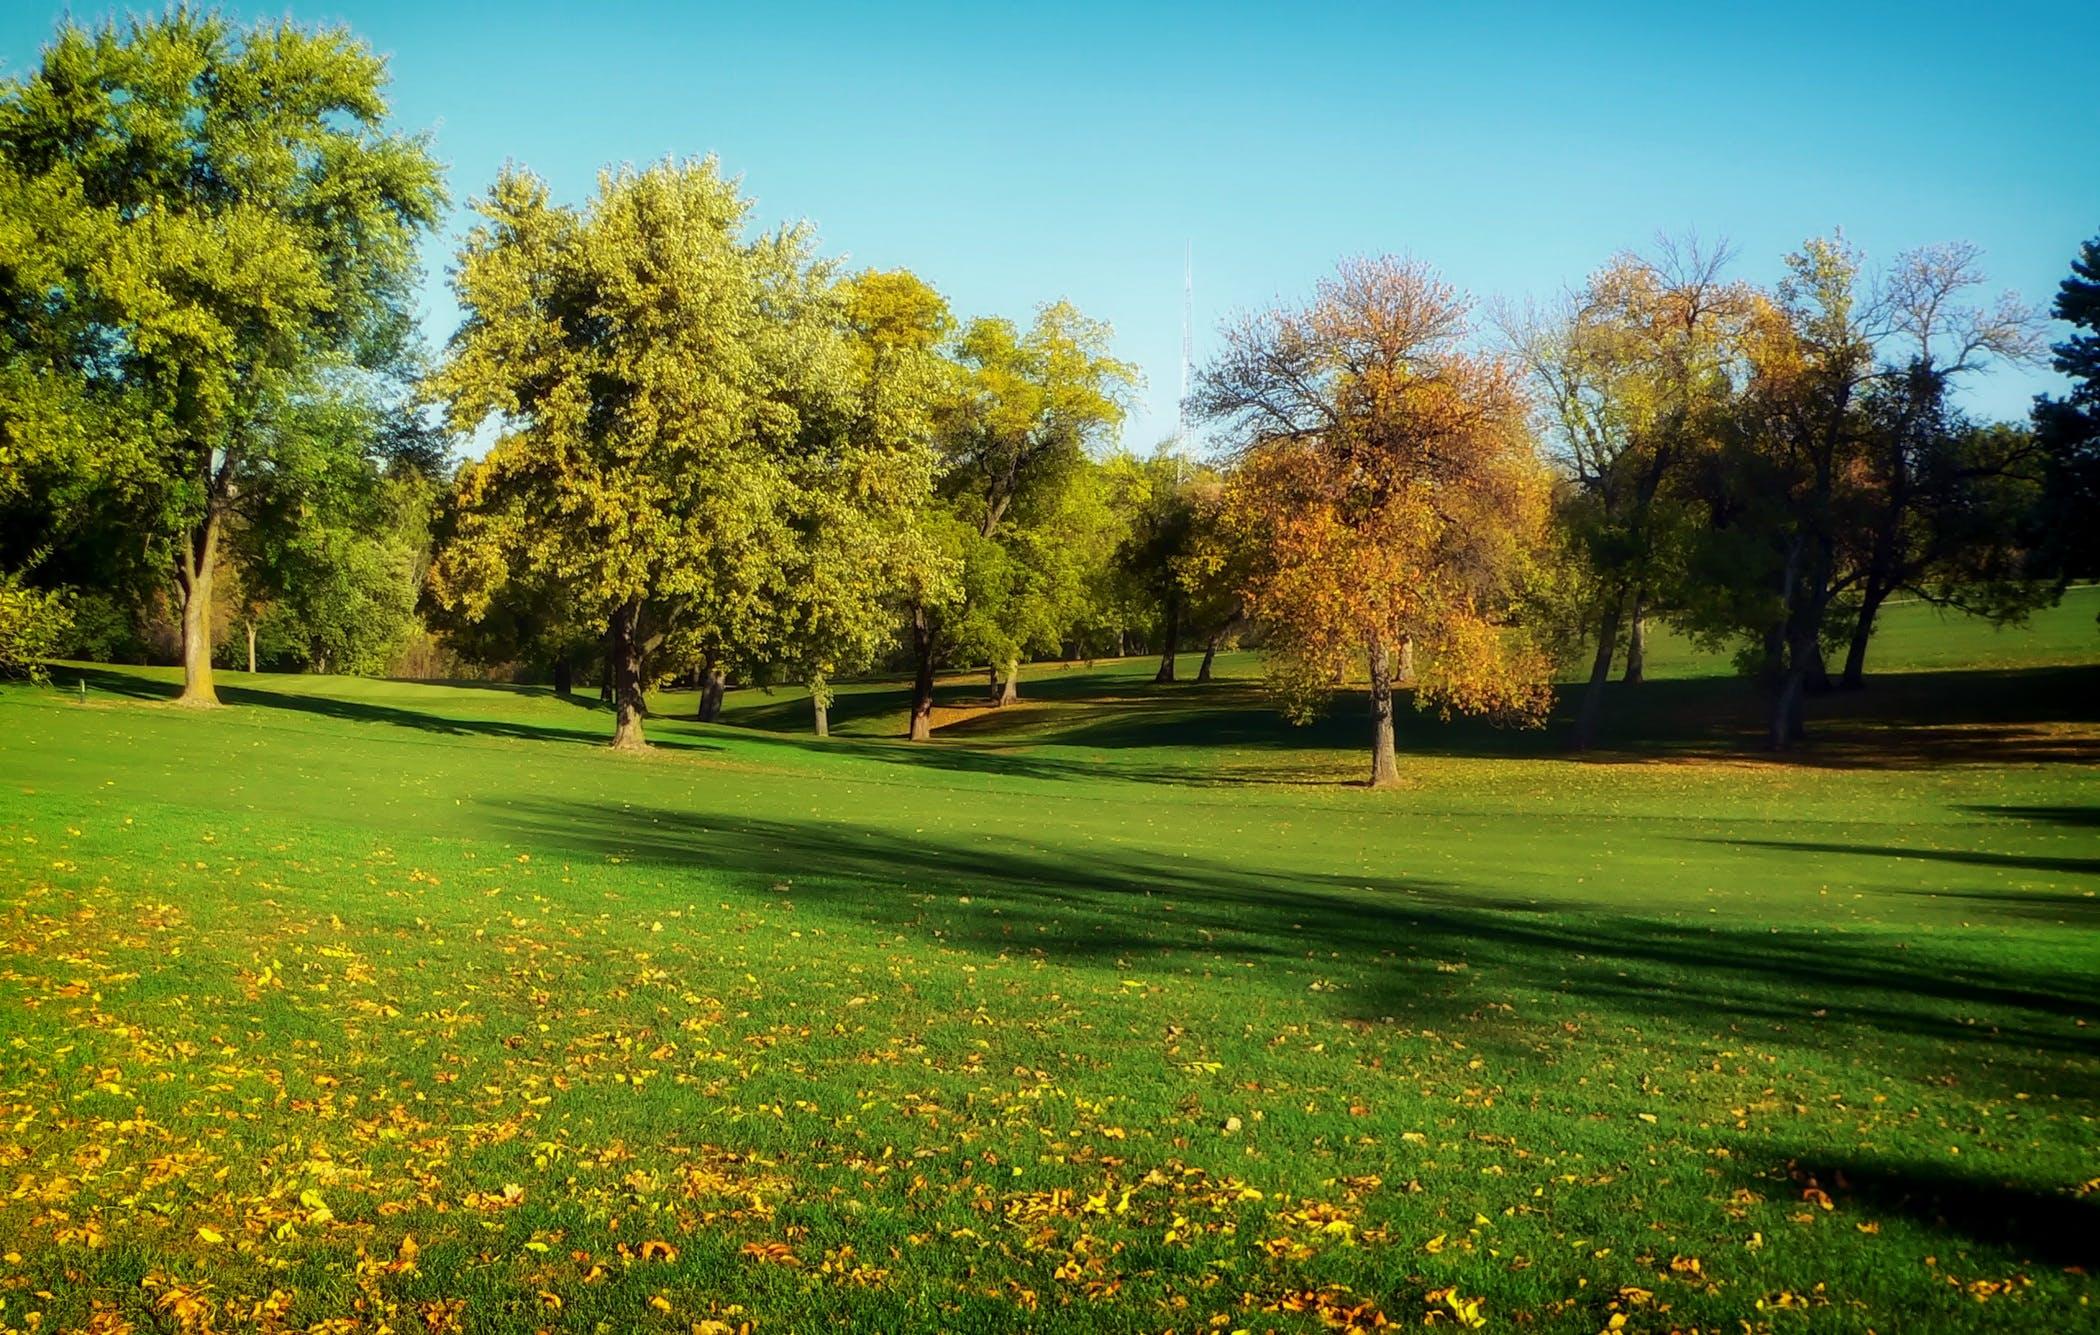 golf, halaman rumput, kebun